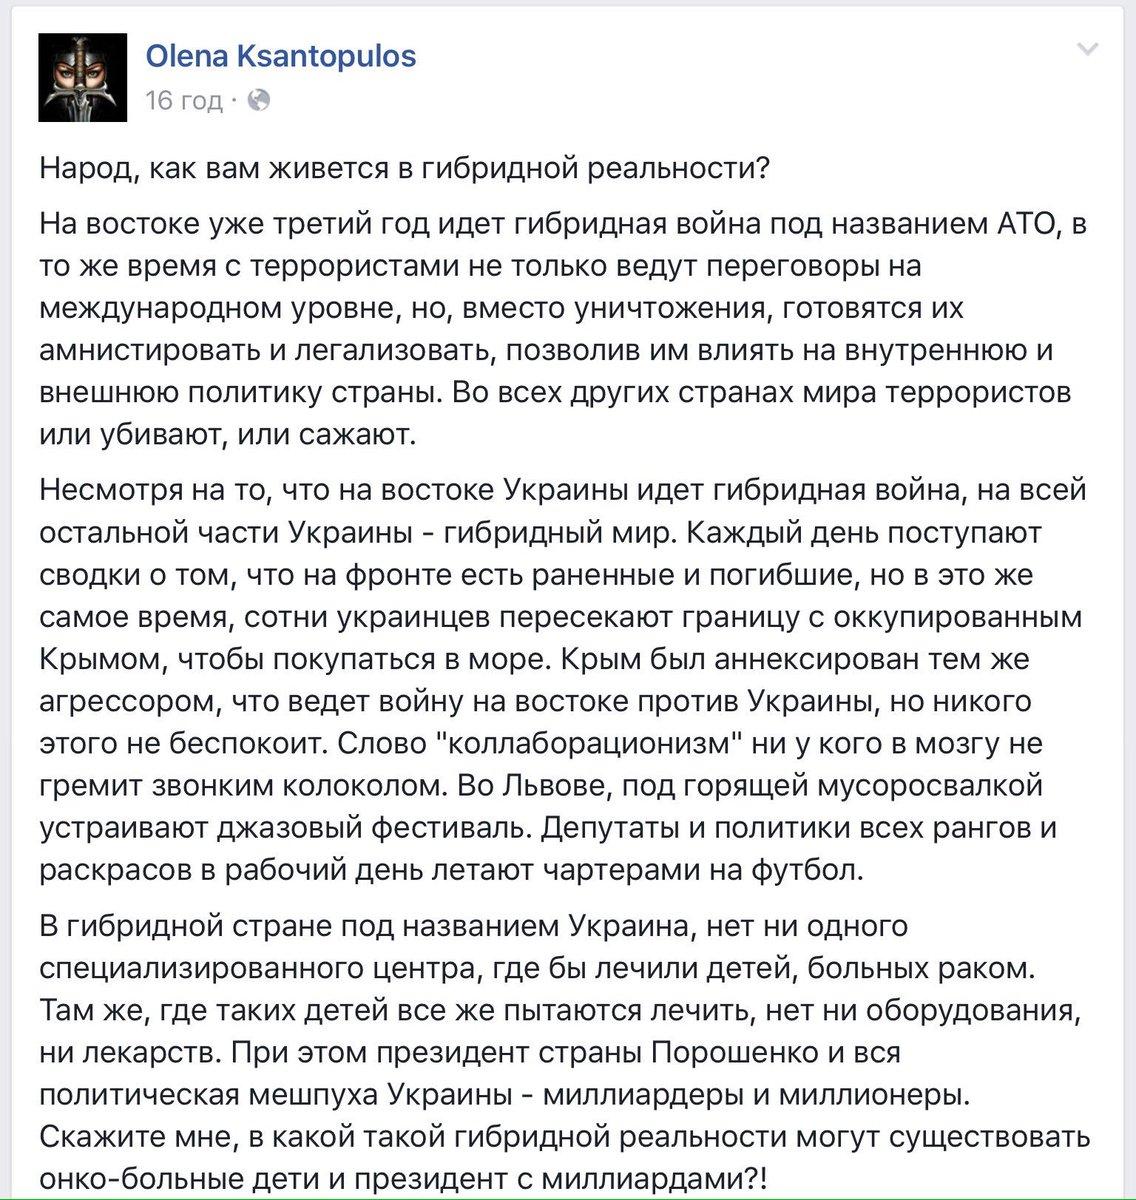 """Гройсман о безвизовом режиме с ЕС: """"Никаких дополнительных требований к Украине не должно быть"""" - Цензор.НЕТ 9652"""